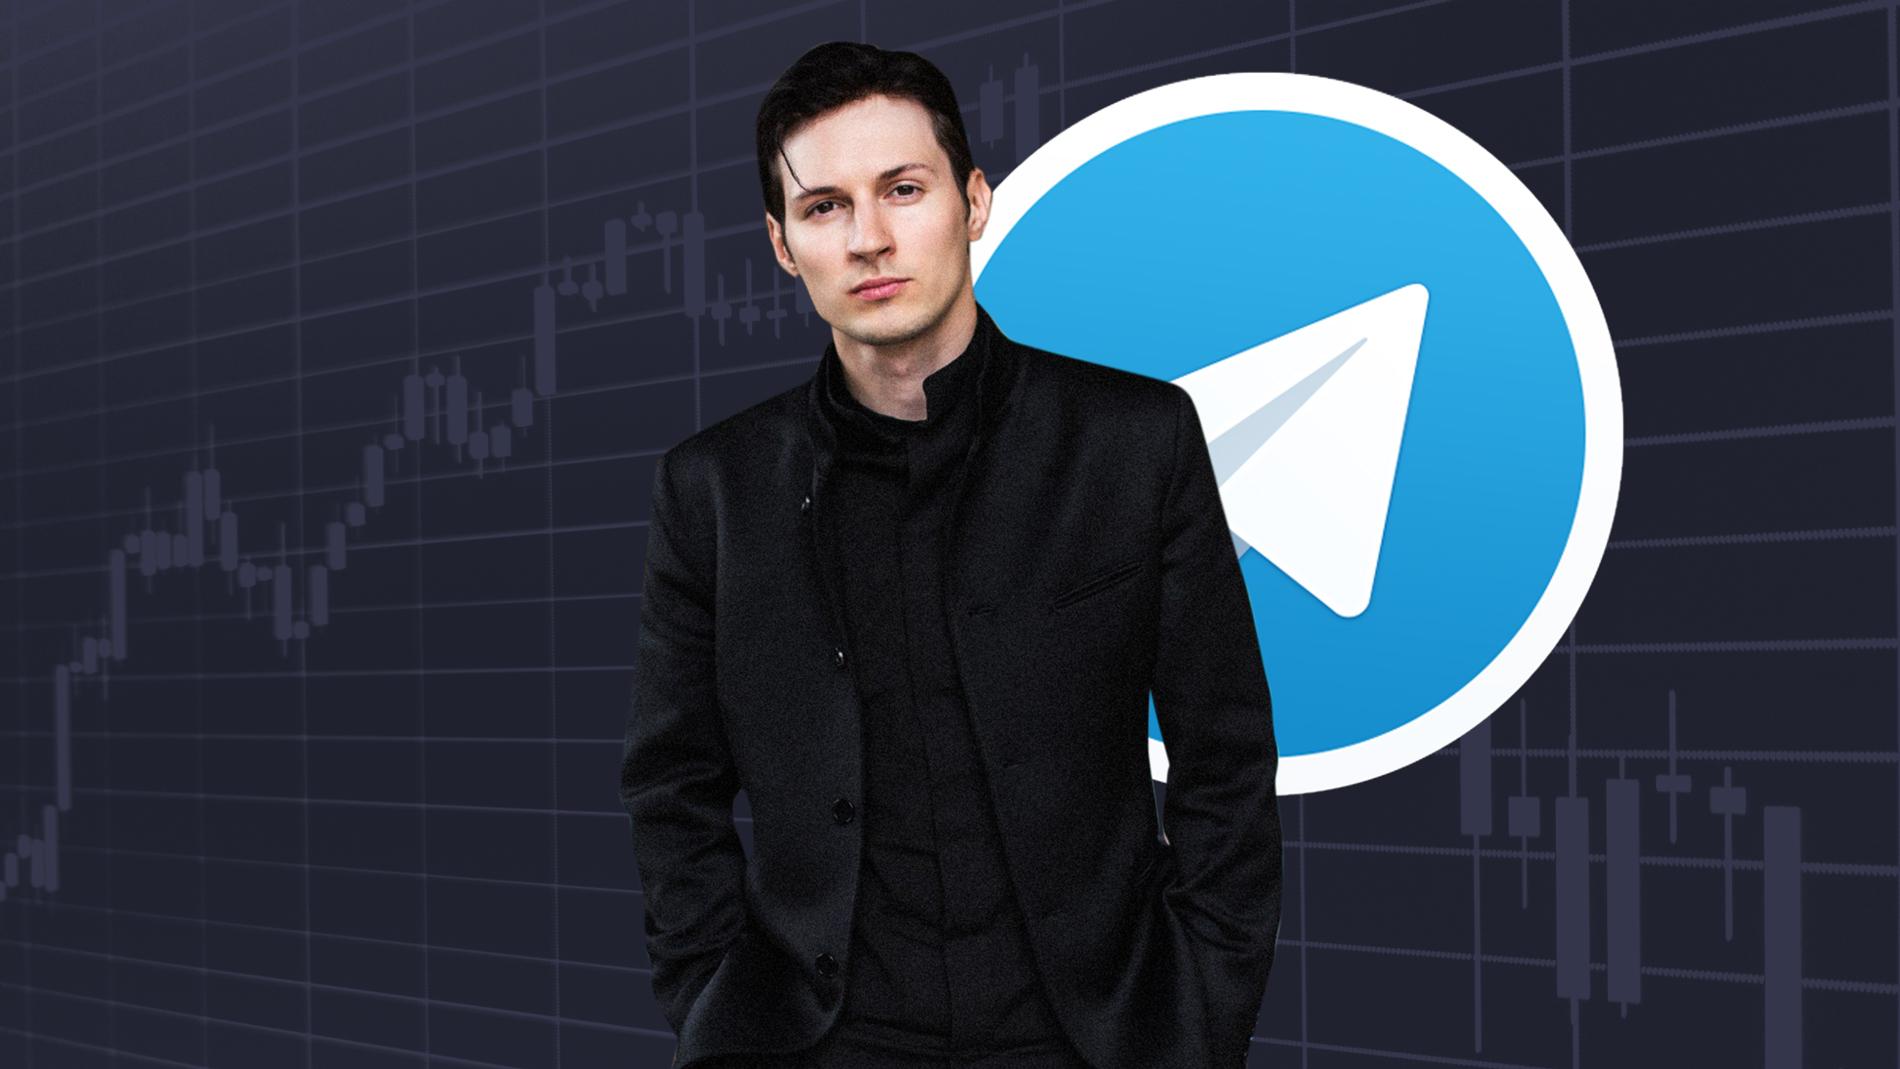 Telegram хочет привлечь 1 млрд инвестиций: что ждёт мессенджер Дурова